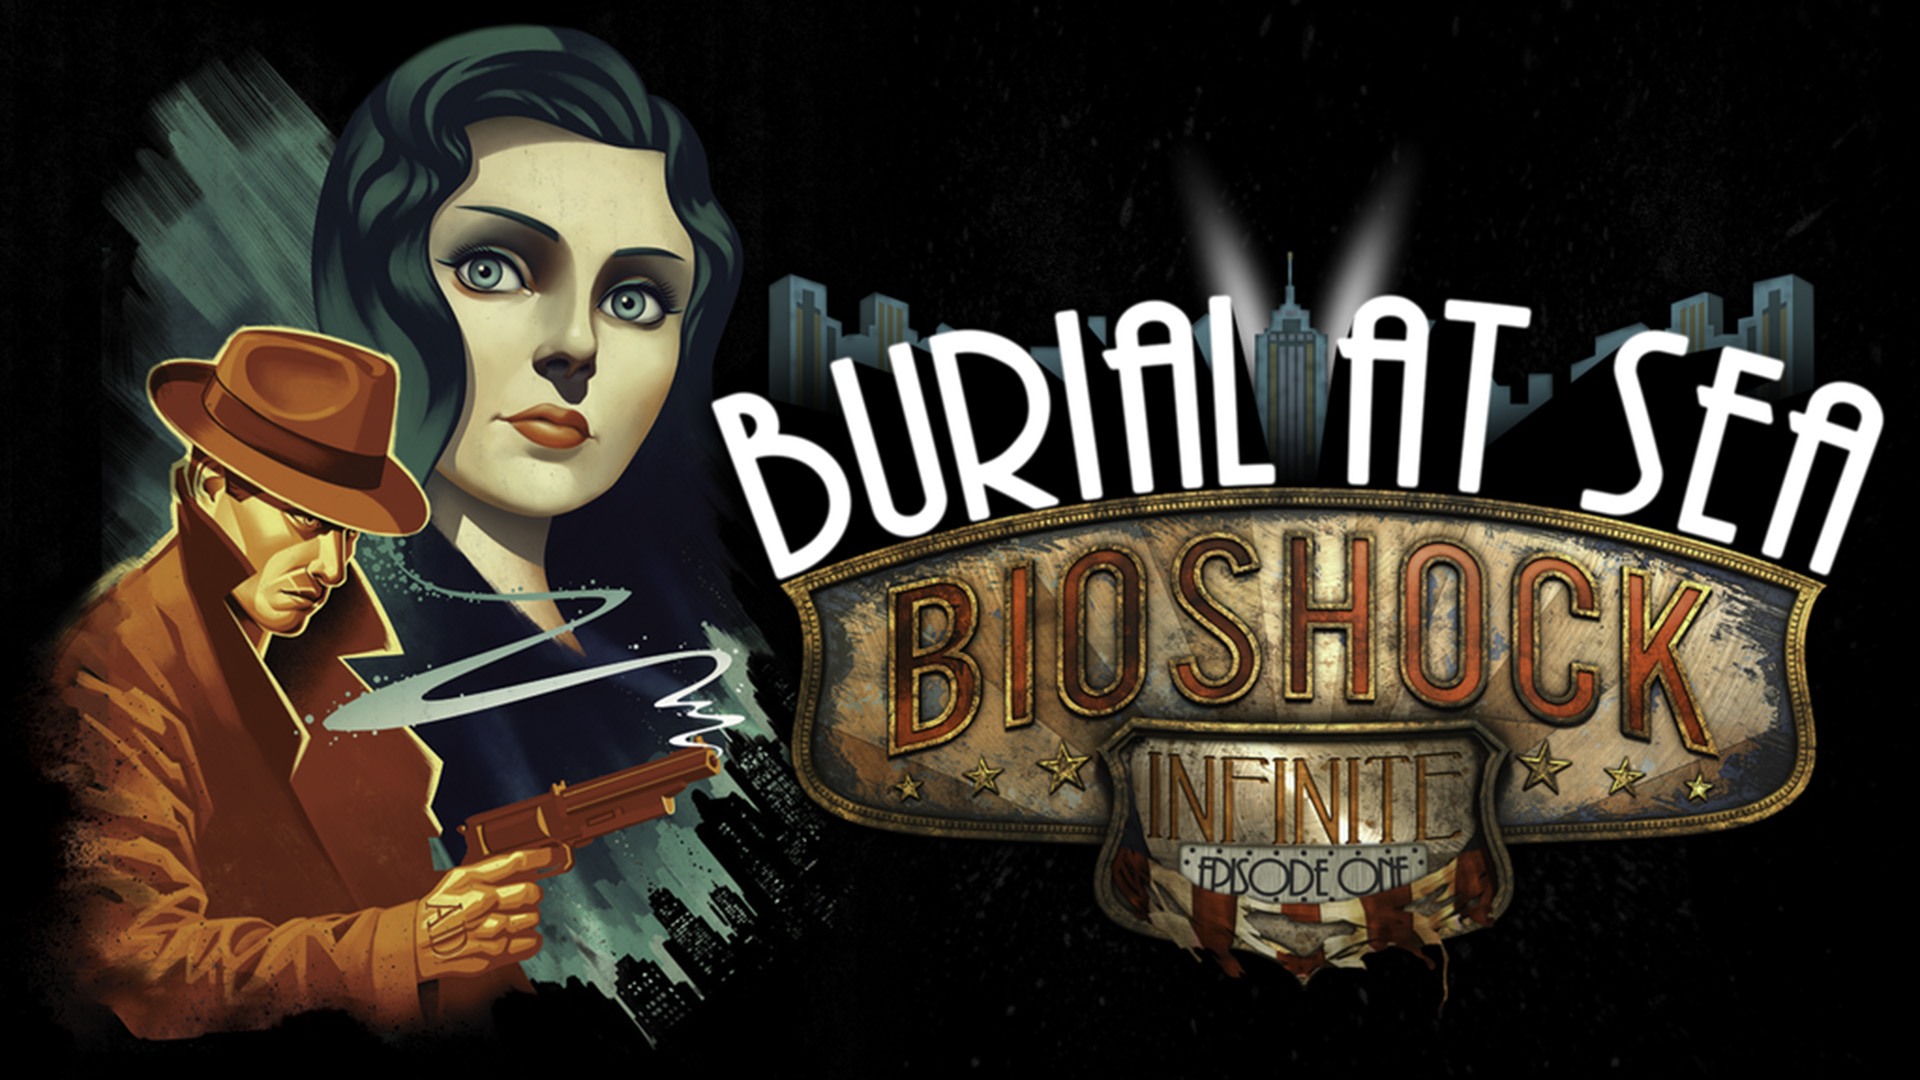 BioShock Infinite Burial At Sea Full HD Wallpaper